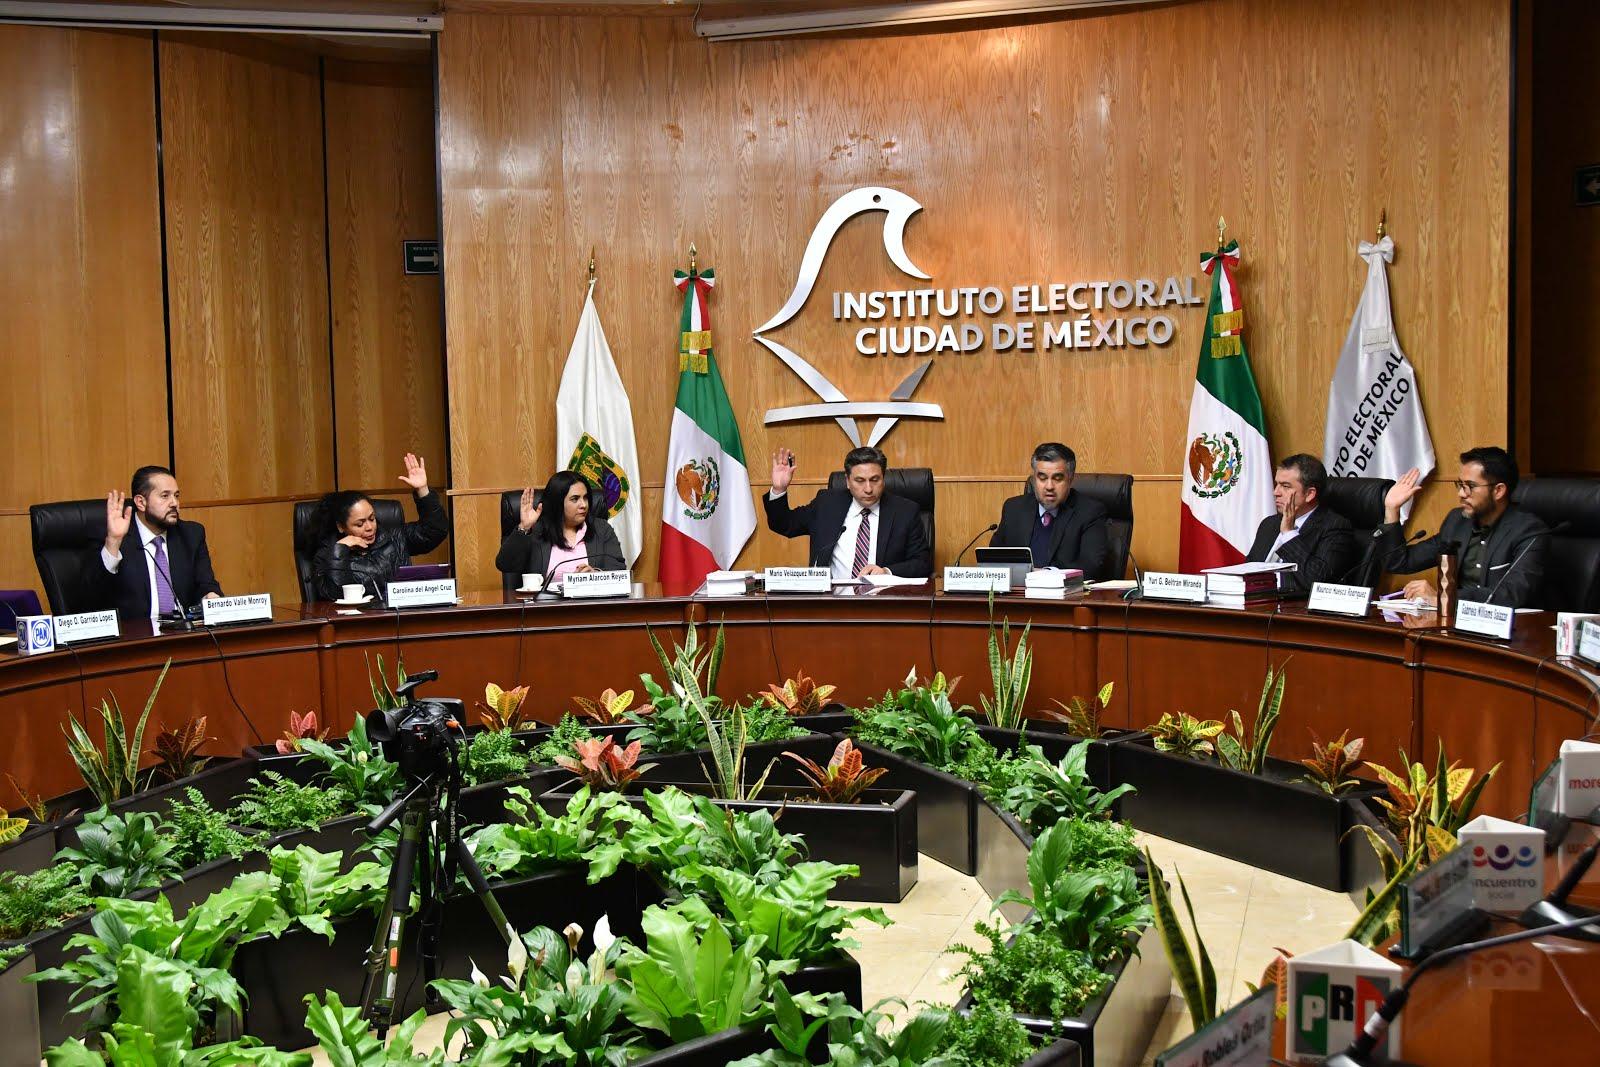 Confirma TECDMX negativa de registro del Partido Encuentro Social en la Ciudad de México